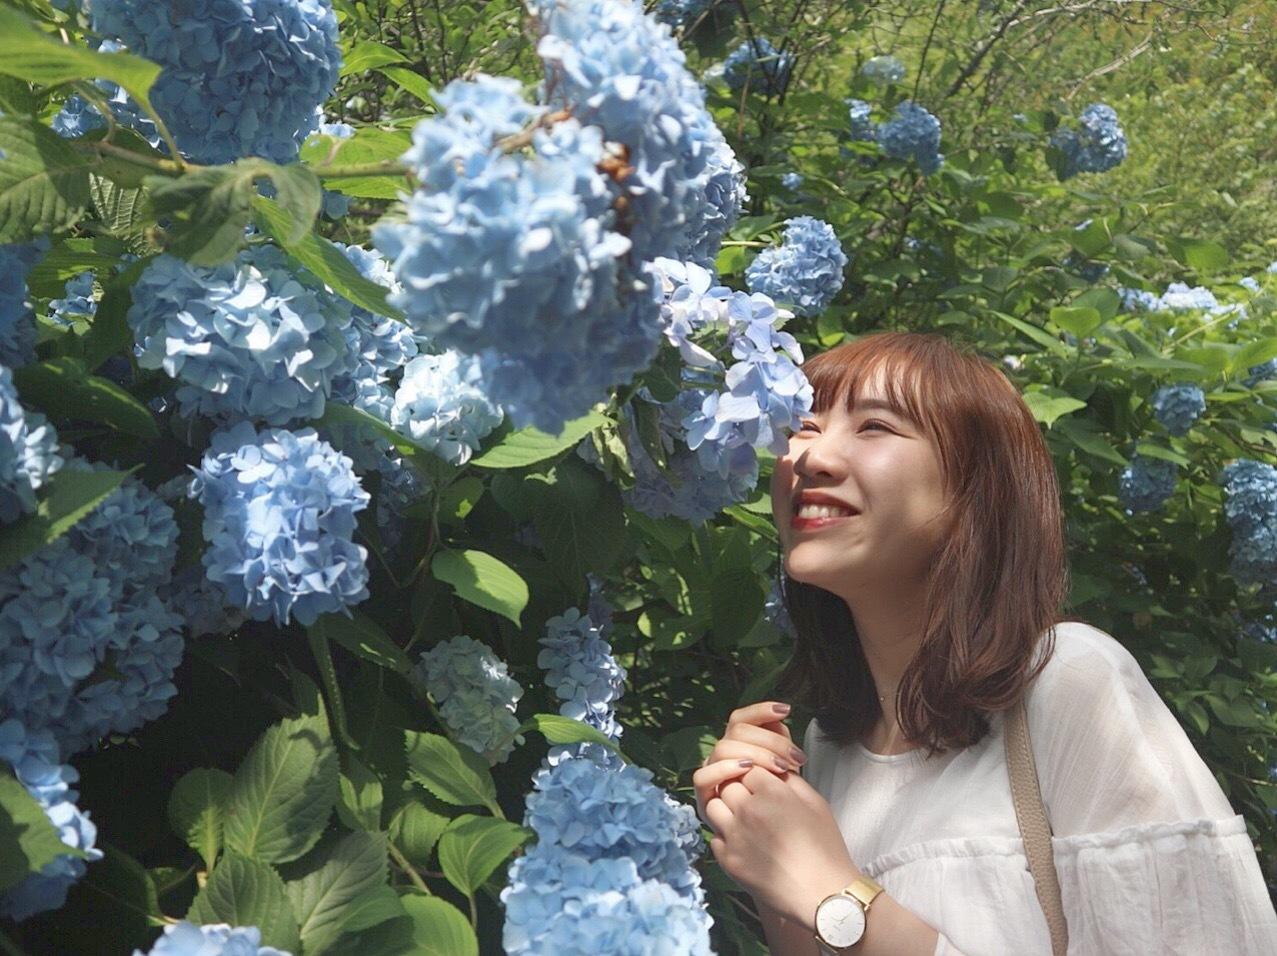 オススメ紫陽花スポット ⸌◦̈⃝⸍❁⃘_1_2